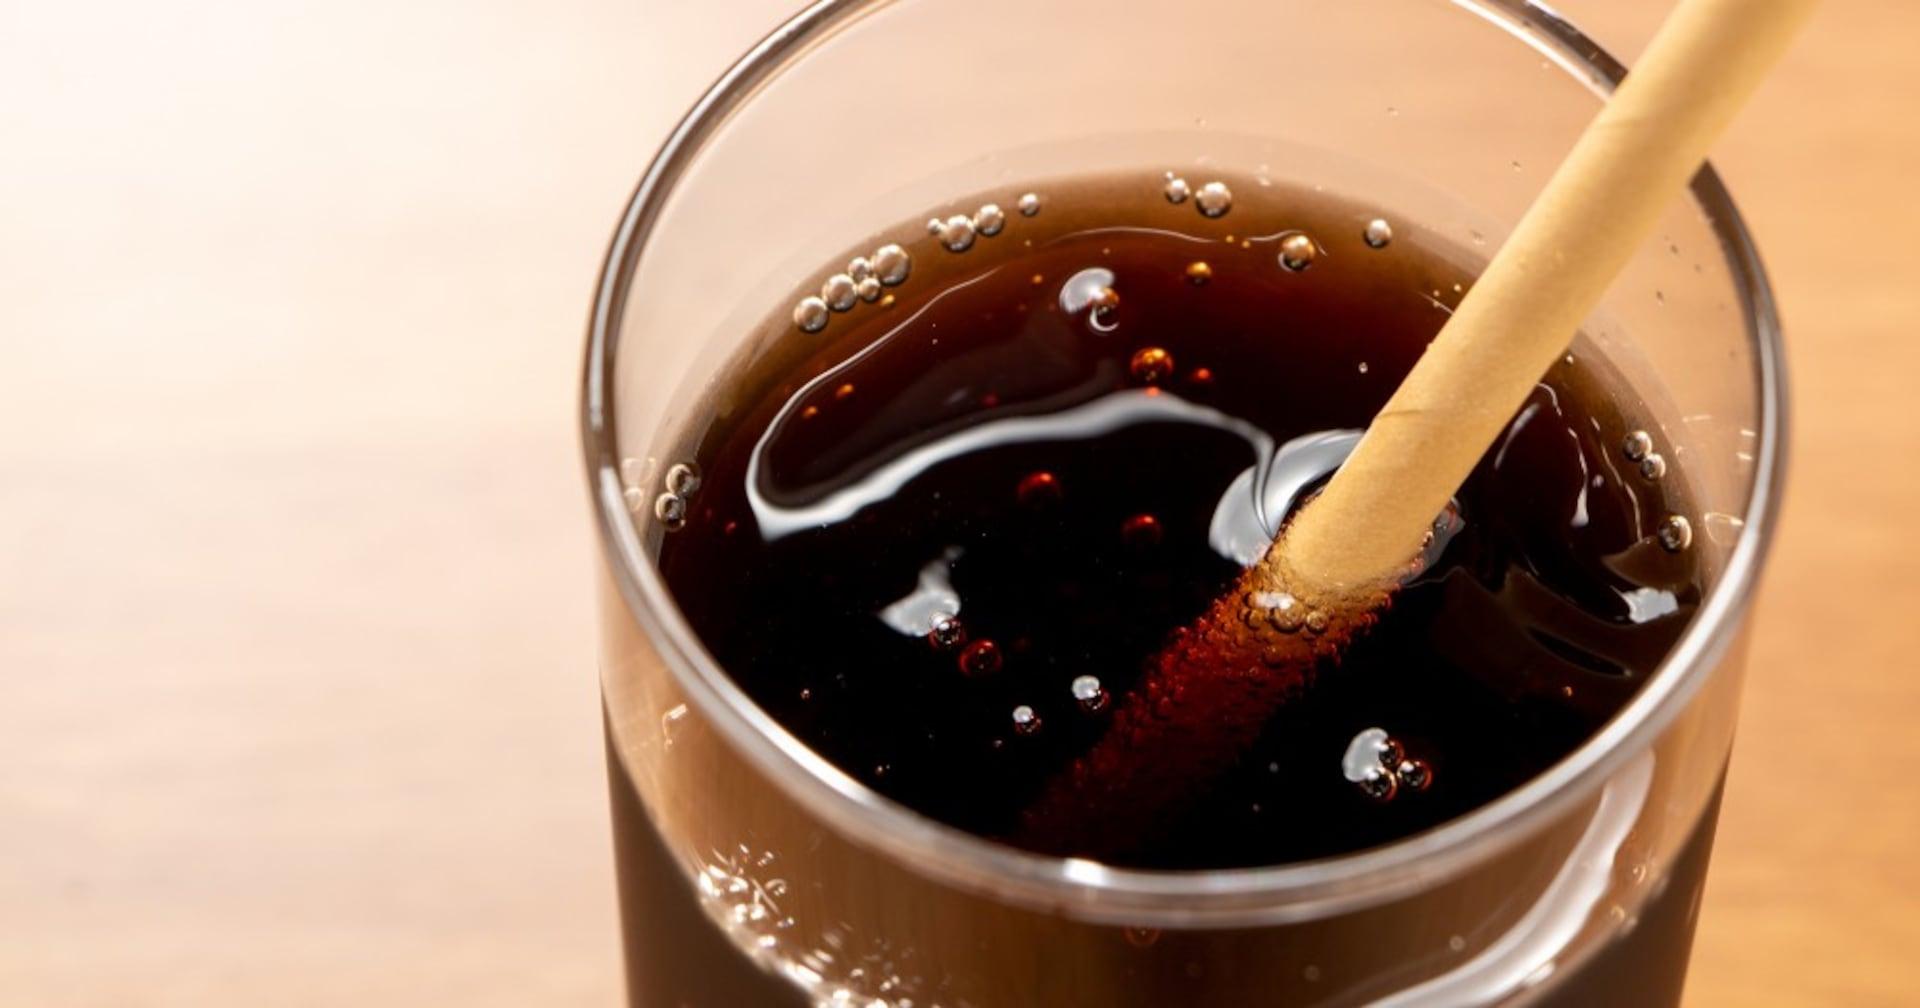 【実はコーラが万能薬だった説】余ったコーラが洗剤、痛み止め、虫除けにもなるらしい…